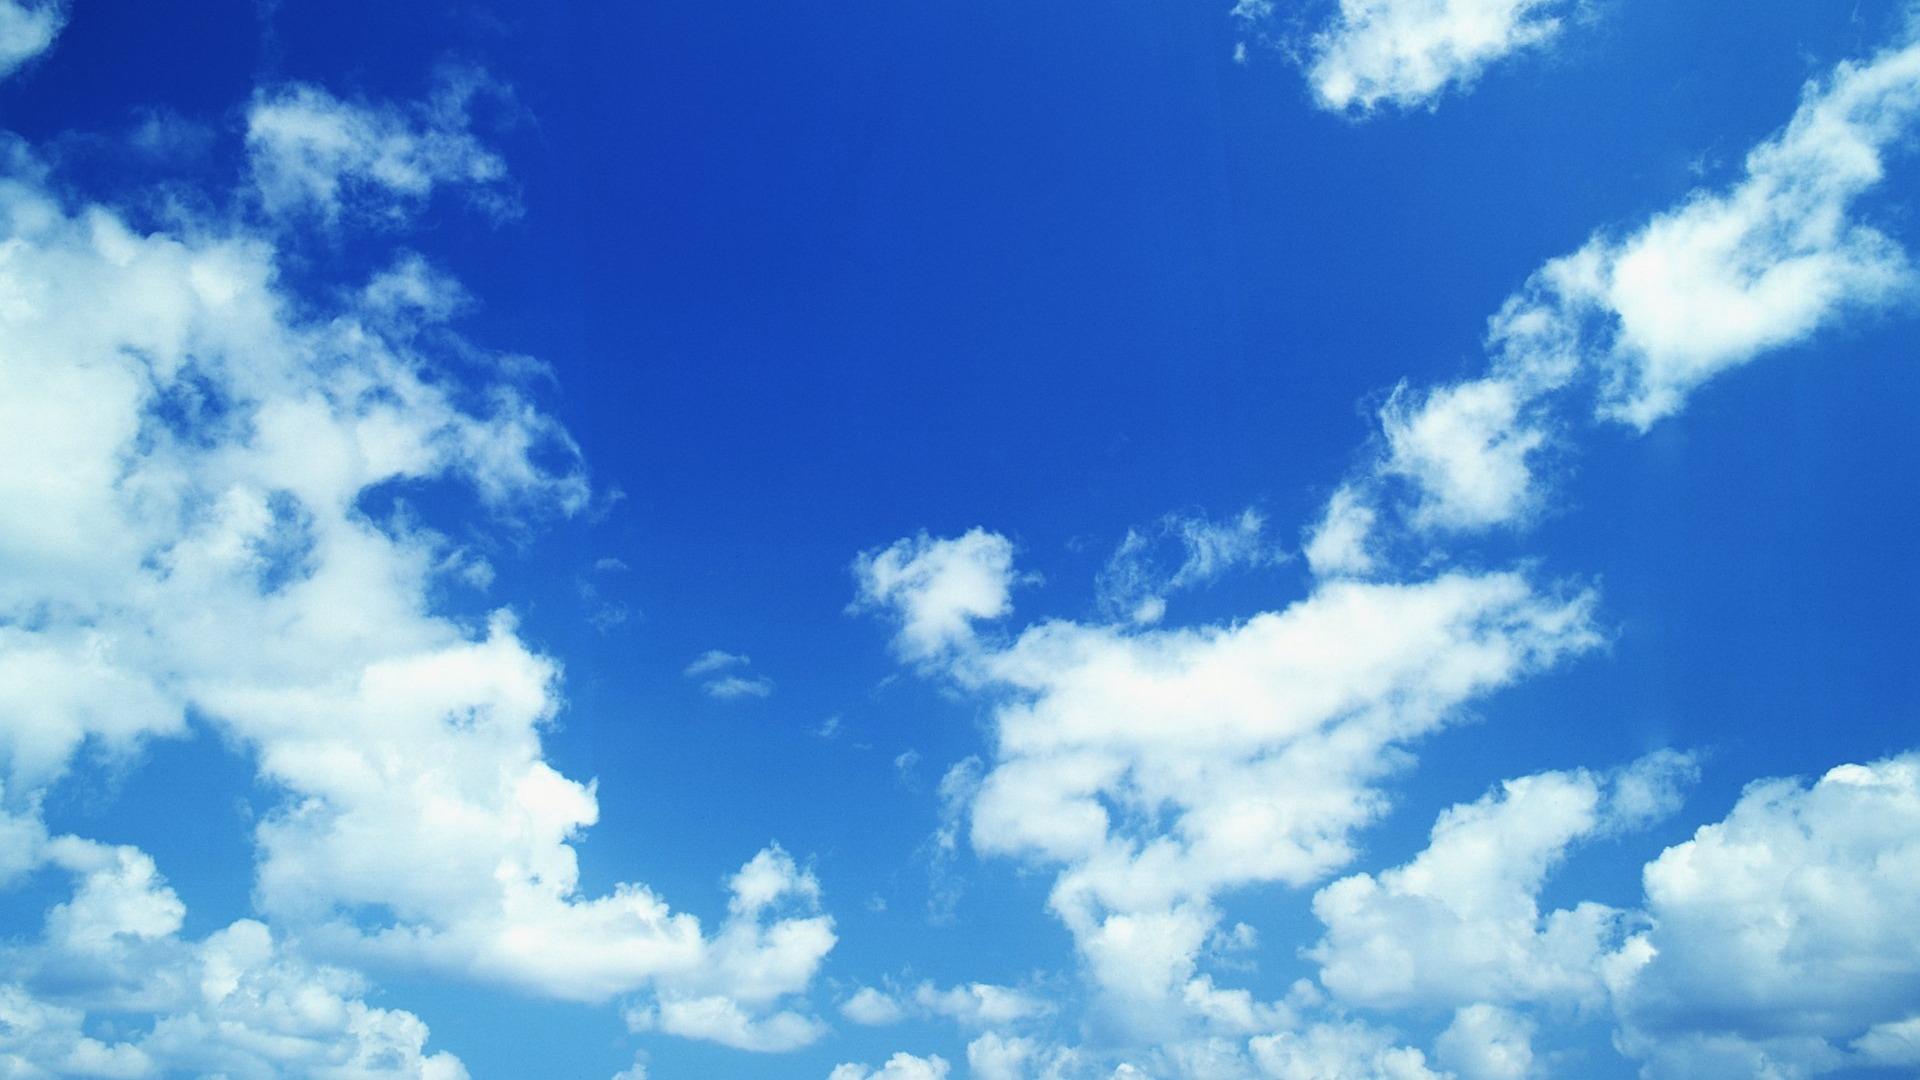 Синее небо с облаками фото